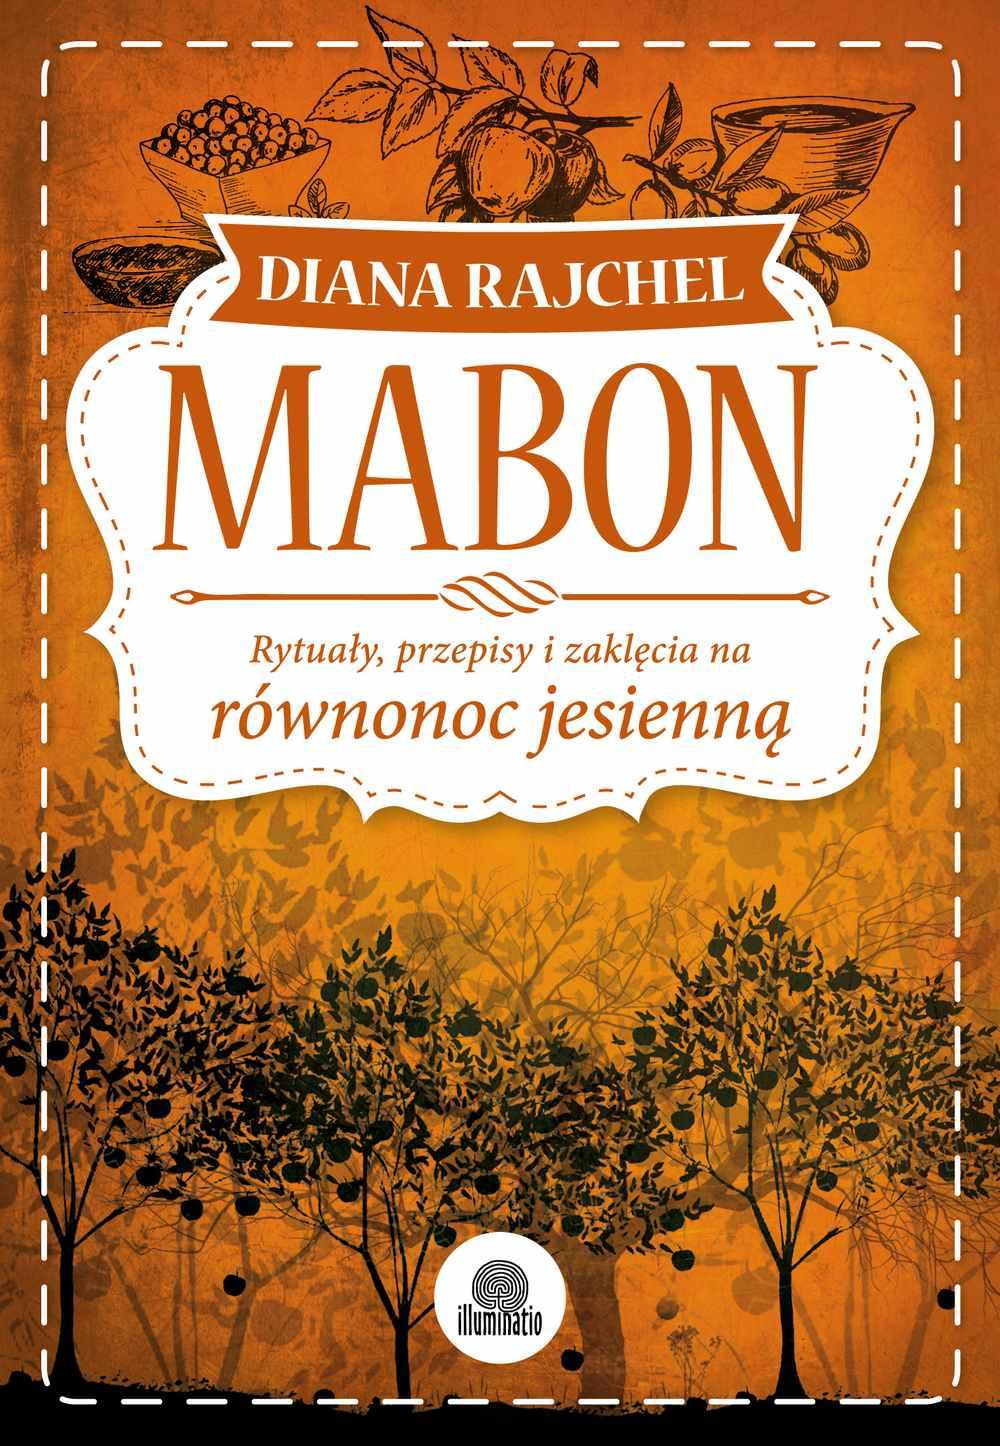 Mabon. Rytuały, przepisy i zaklęcia na równonoc jesienną - Ebook (Książka na Kindle) do pobrania w formacie MOBI